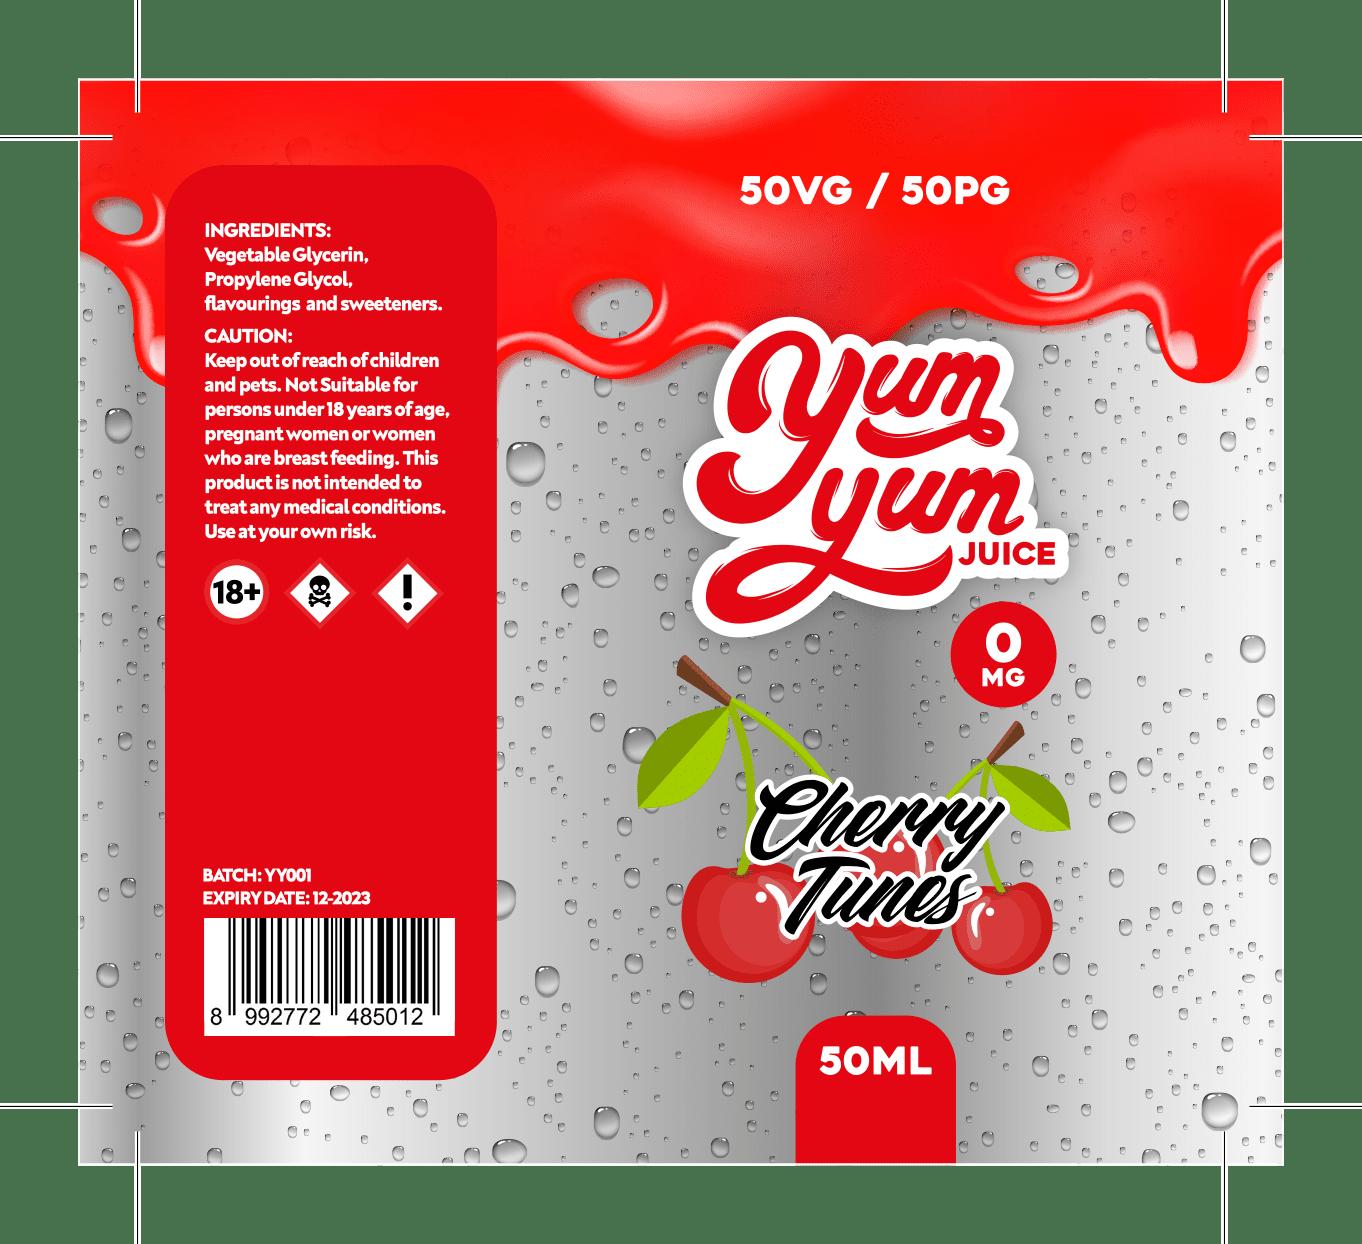 Yum Yum Labels - Cherry Tunes